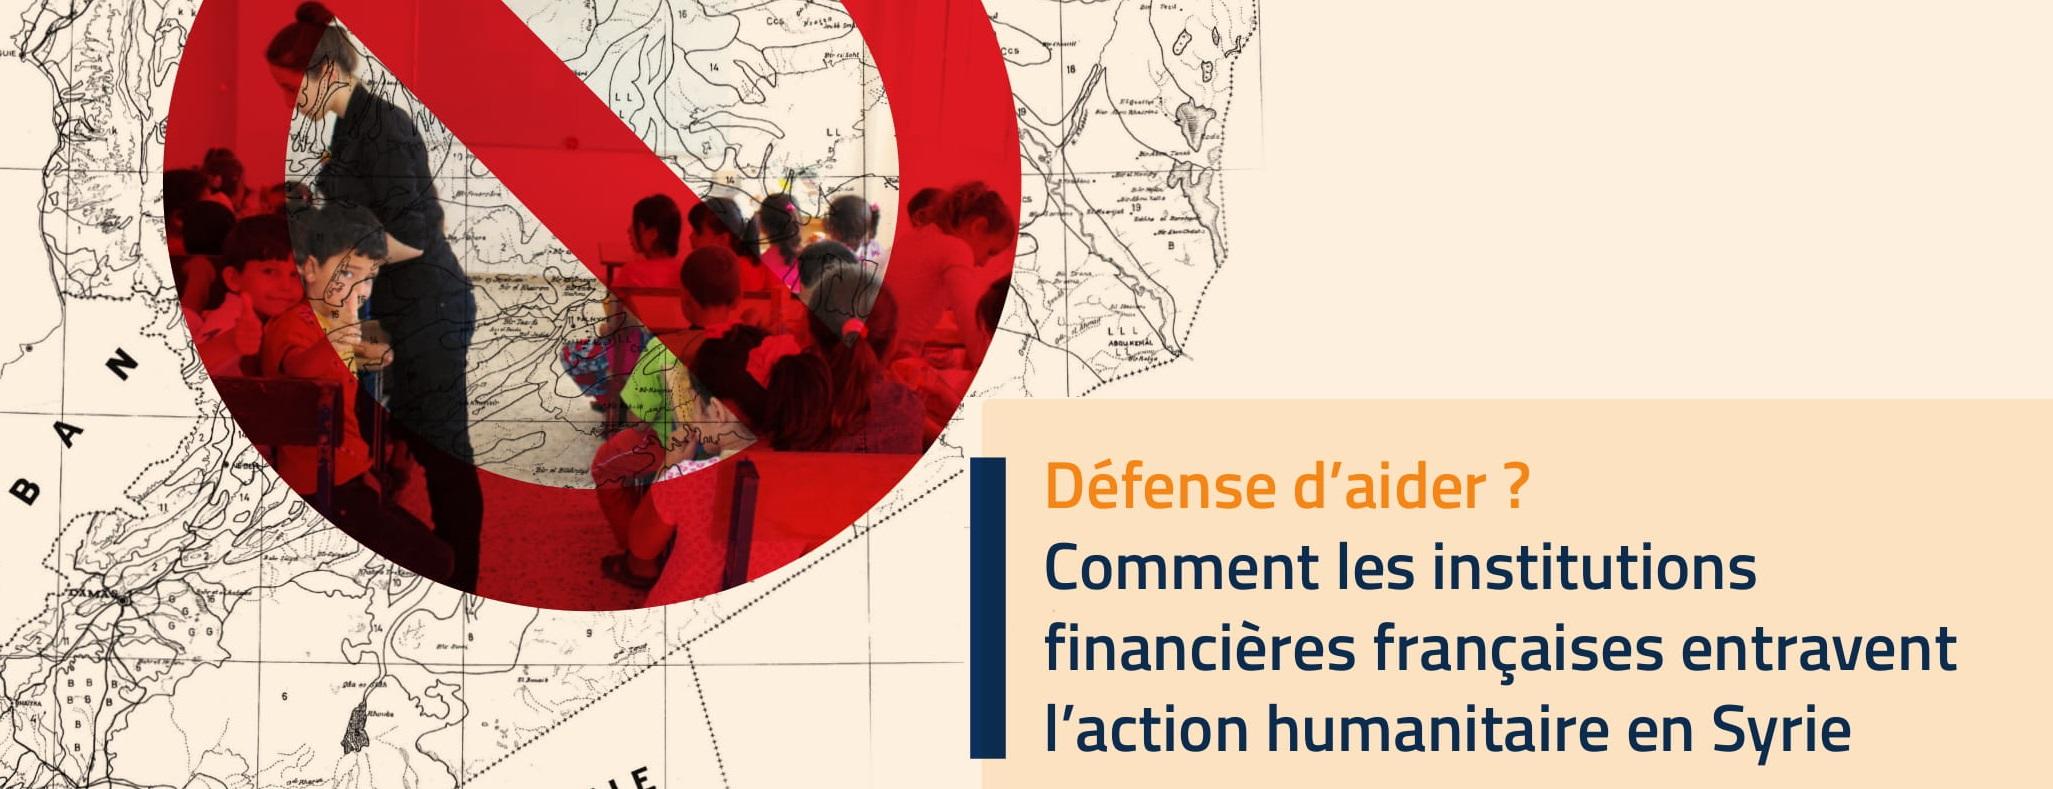 Lettre ouverte par 28 associations franco-syriennes